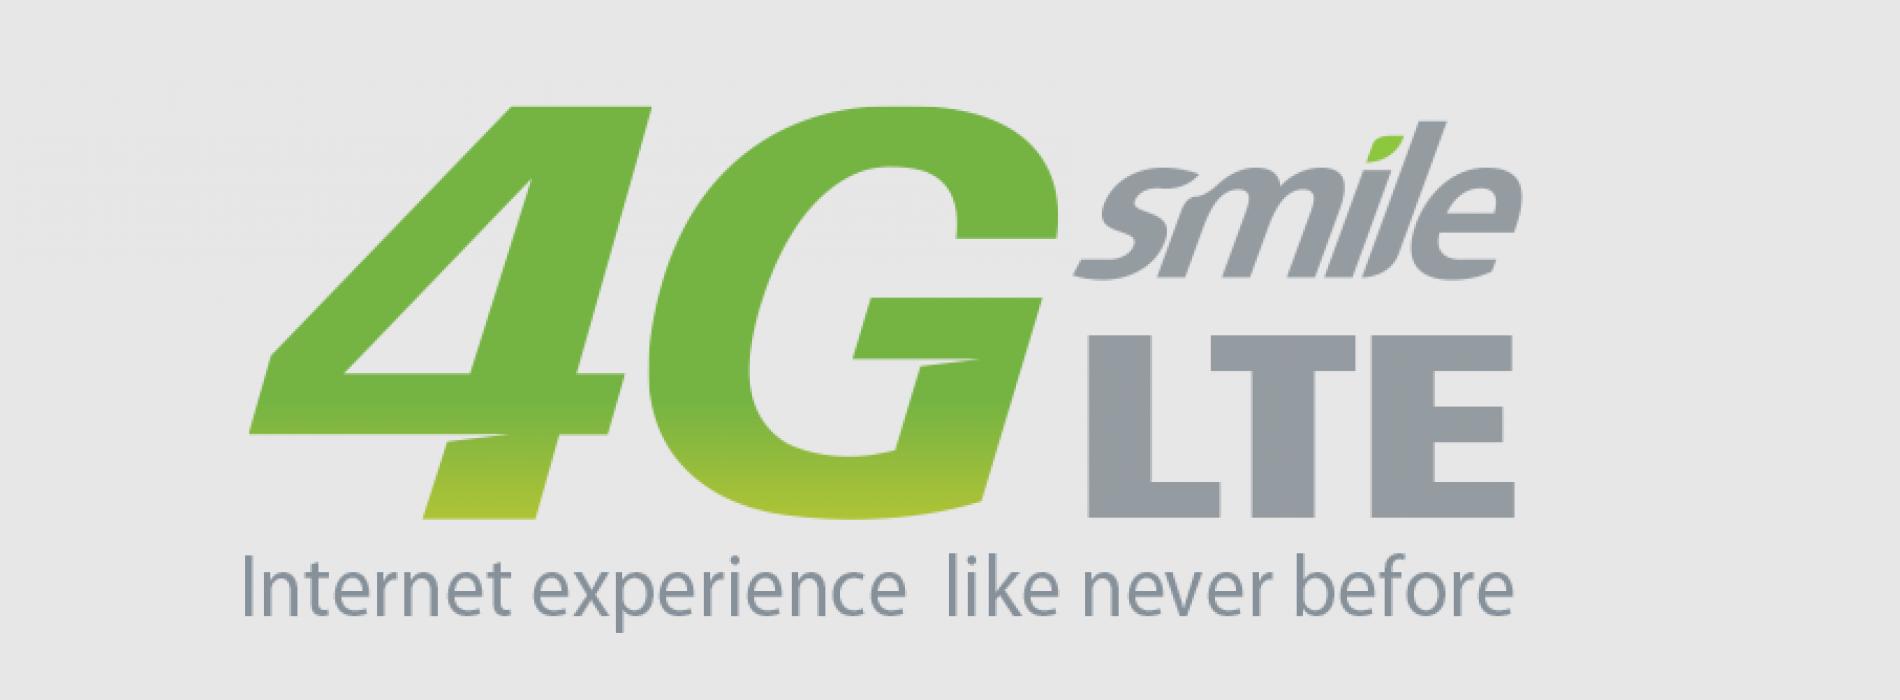 """L'ISP 4G """"Smile"""" raccoglie 365M$ e apre in Congo DRC"""